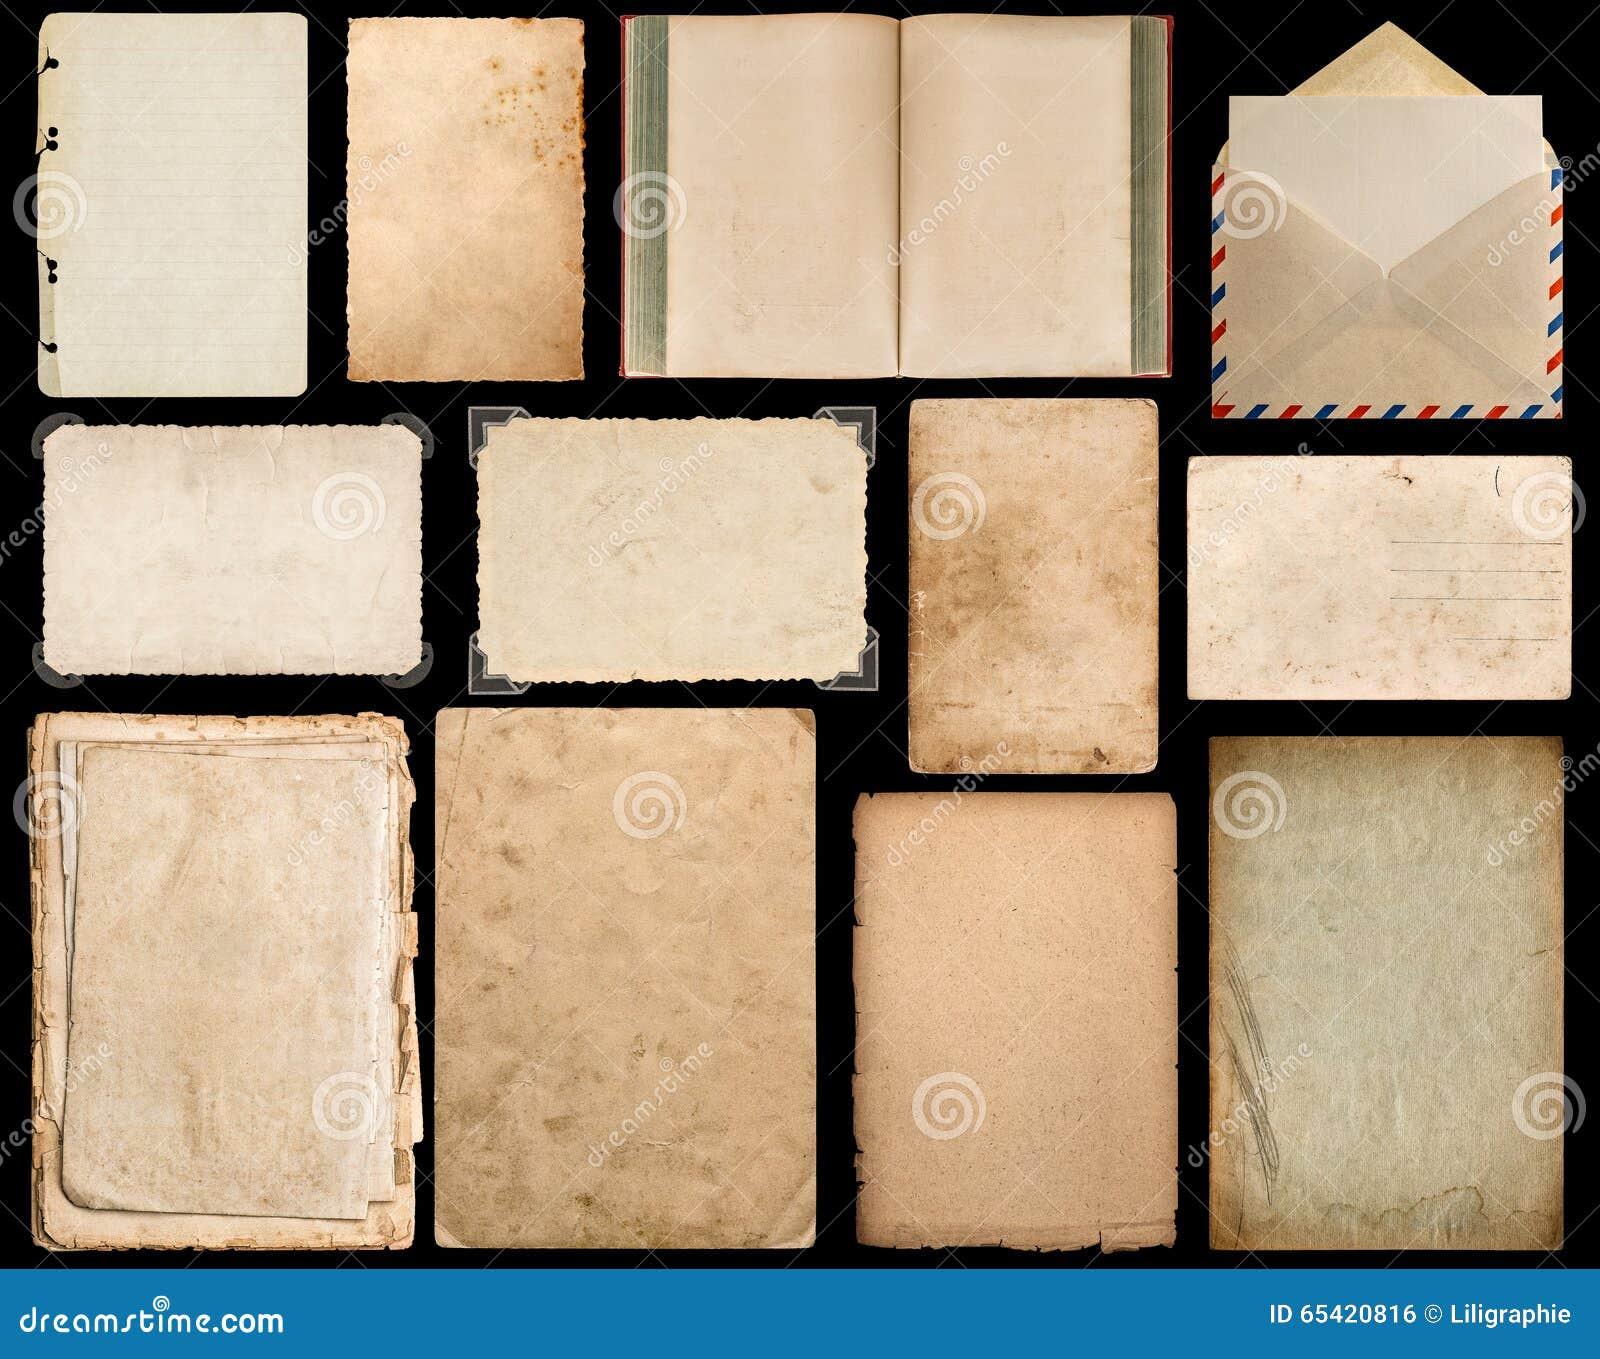 Papier, Buch, Umschlag, Pappe, Fotoecke, Rahmen Stockfoto - Bild von ...